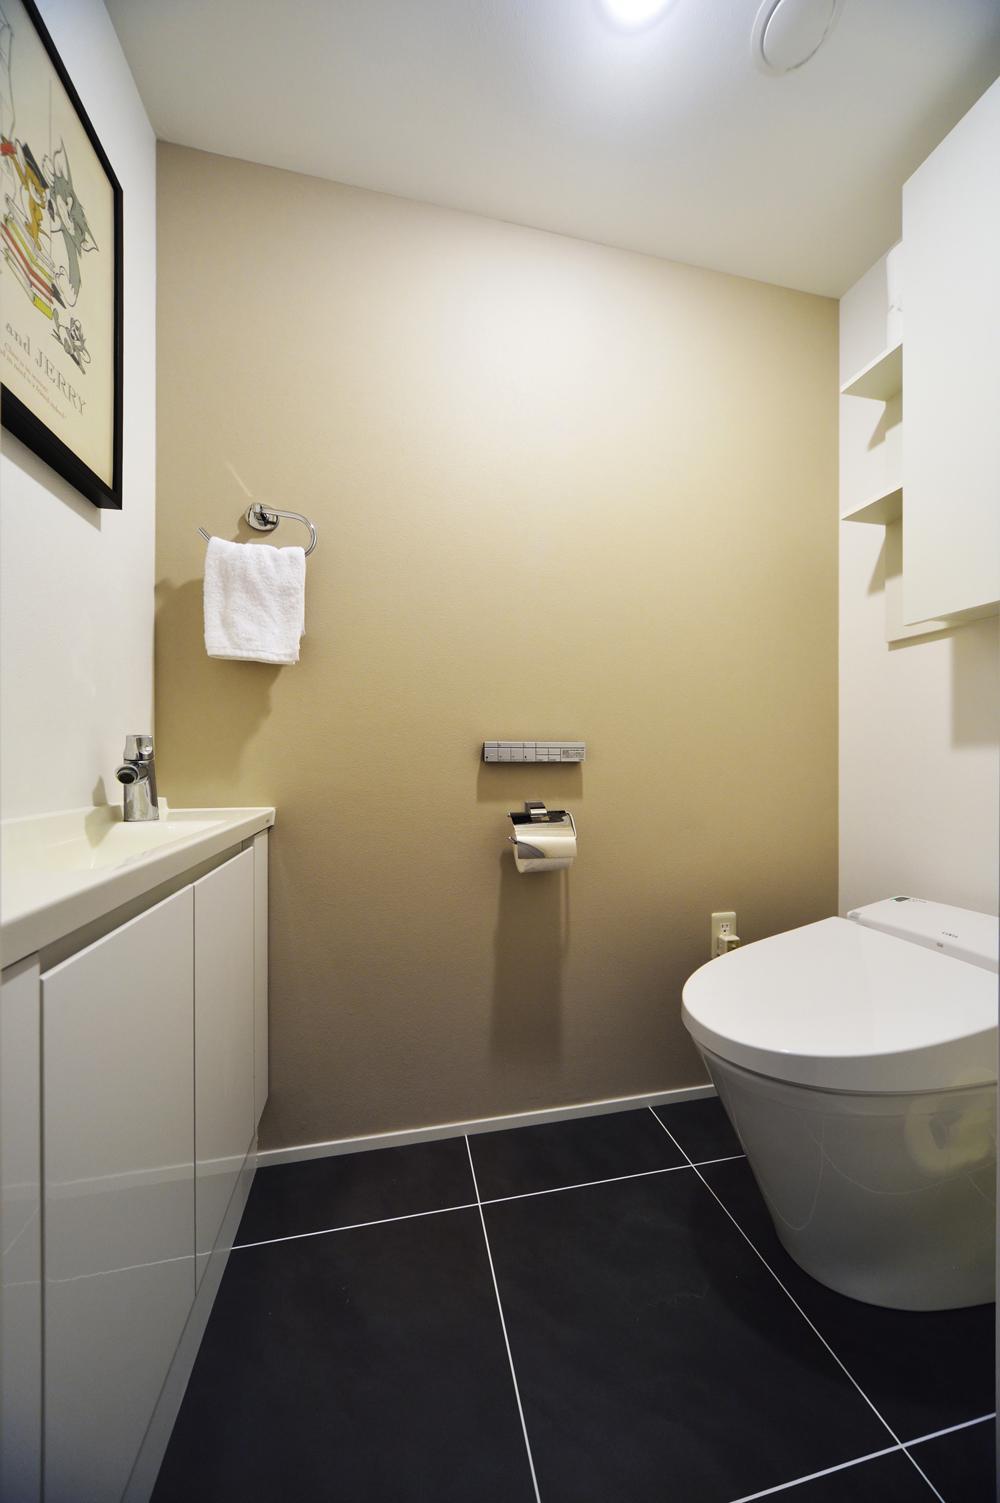 N邸・素足が気もち良い 広々リビングの部屋 大判タイル張りのトイレ